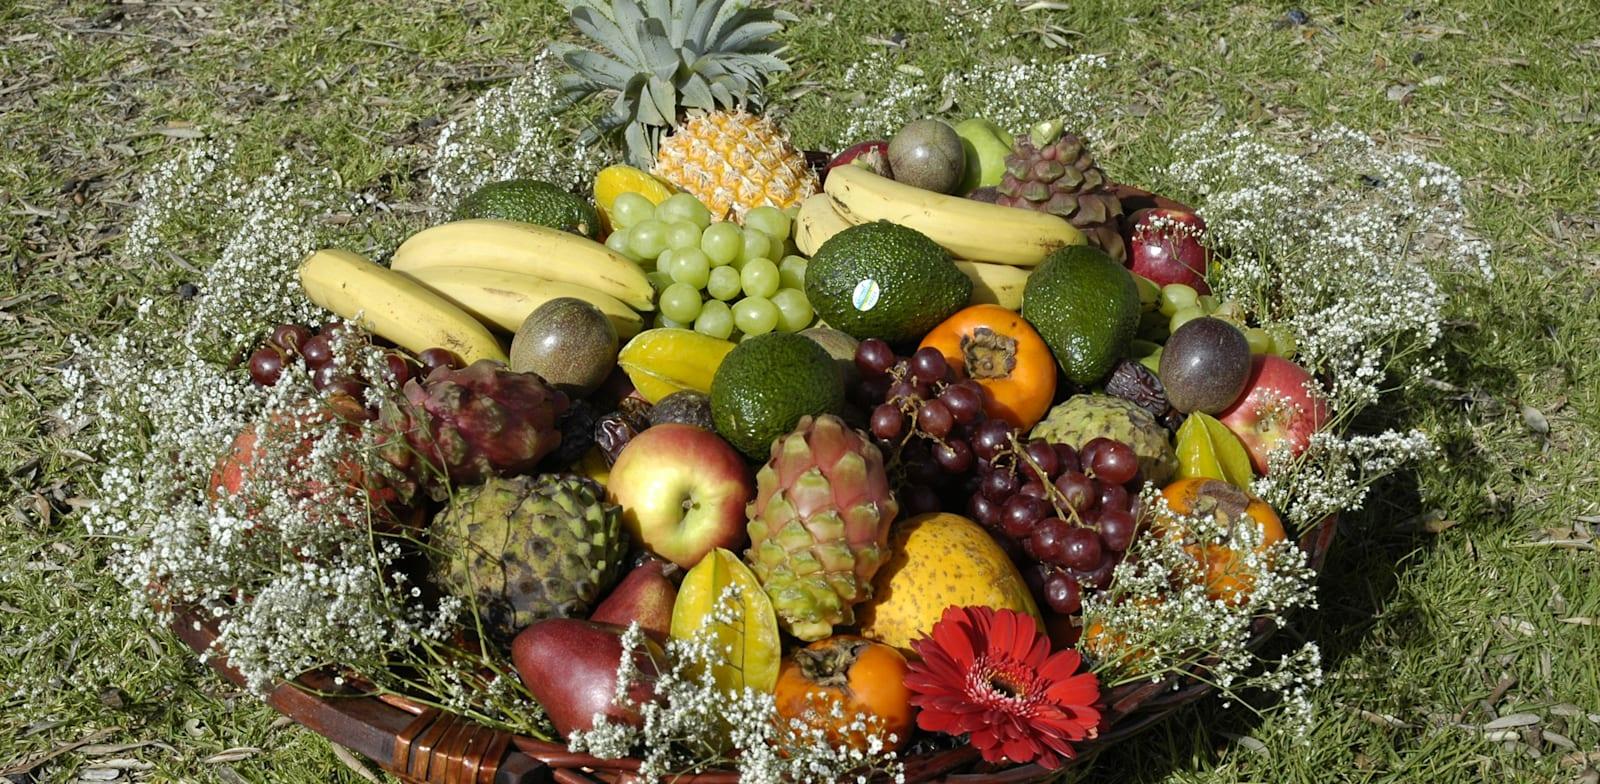 פירות / צילום: תמר מצפי